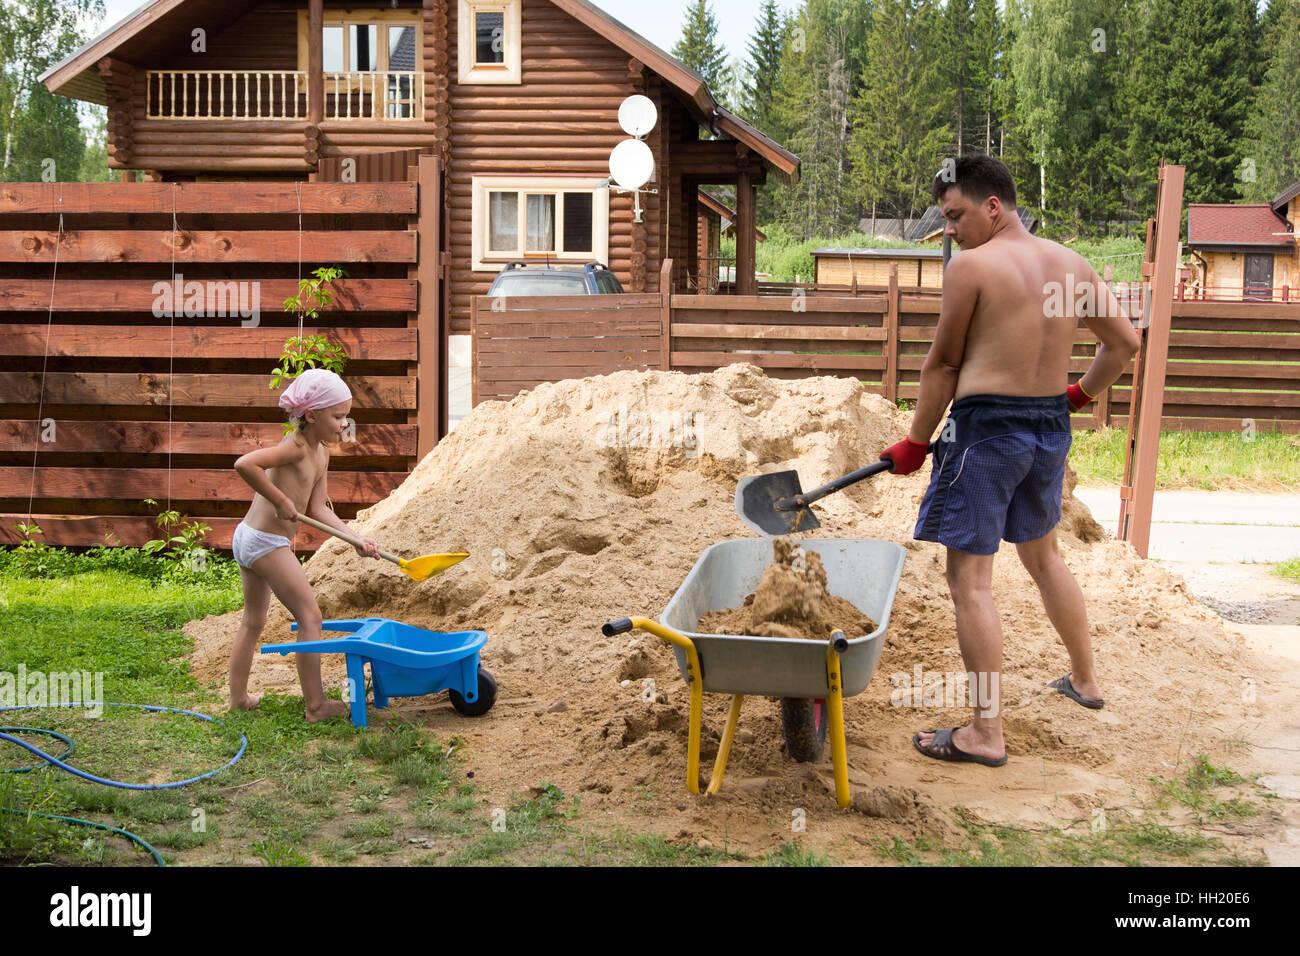 Padre e figlia di carichi sabbia in una carriola Immagini Stock